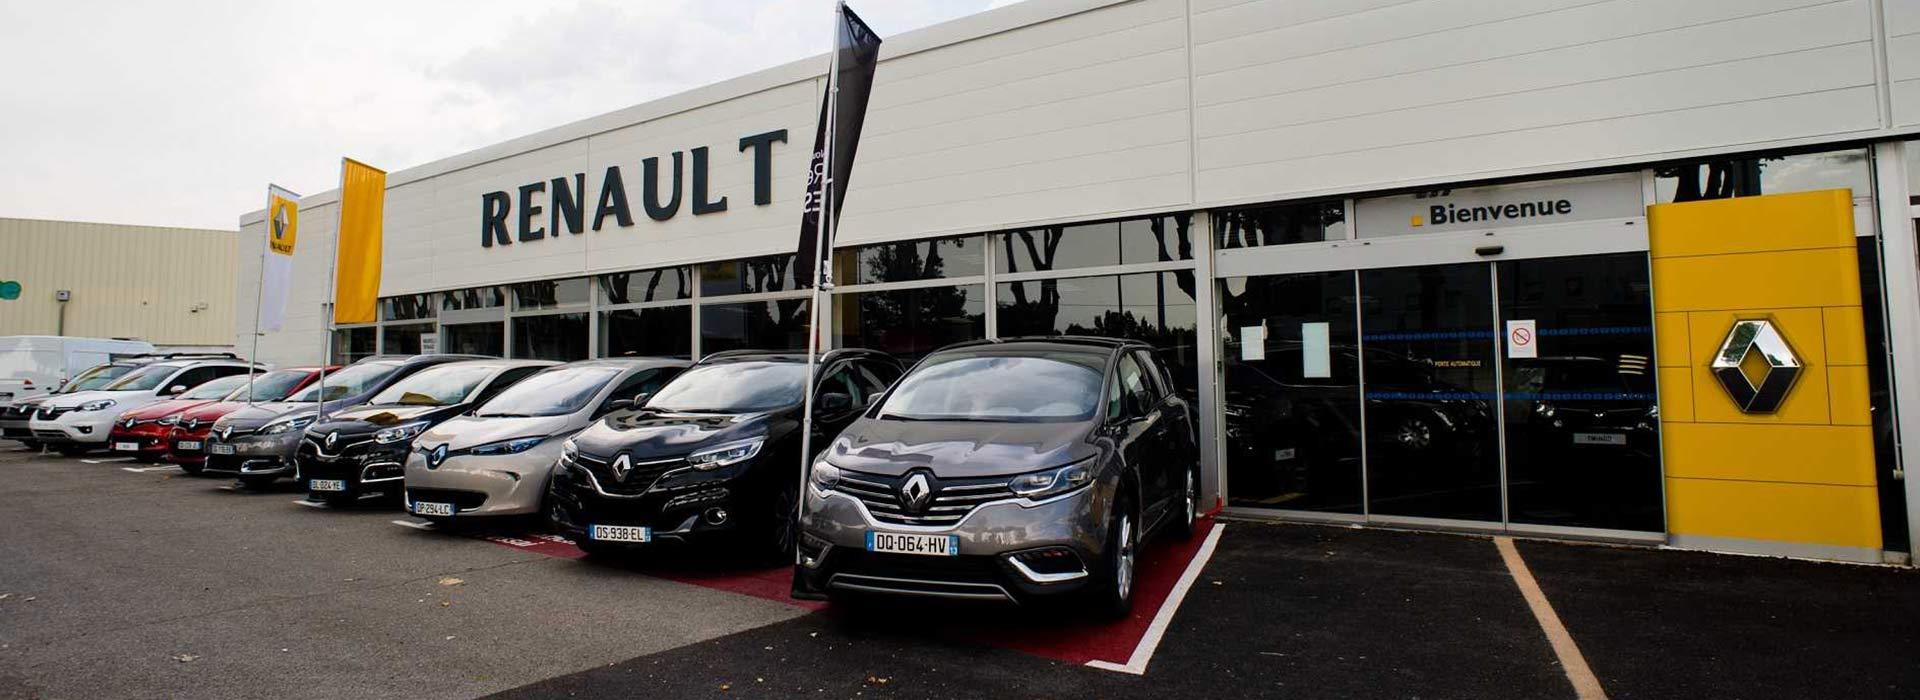 Renault Pertuis